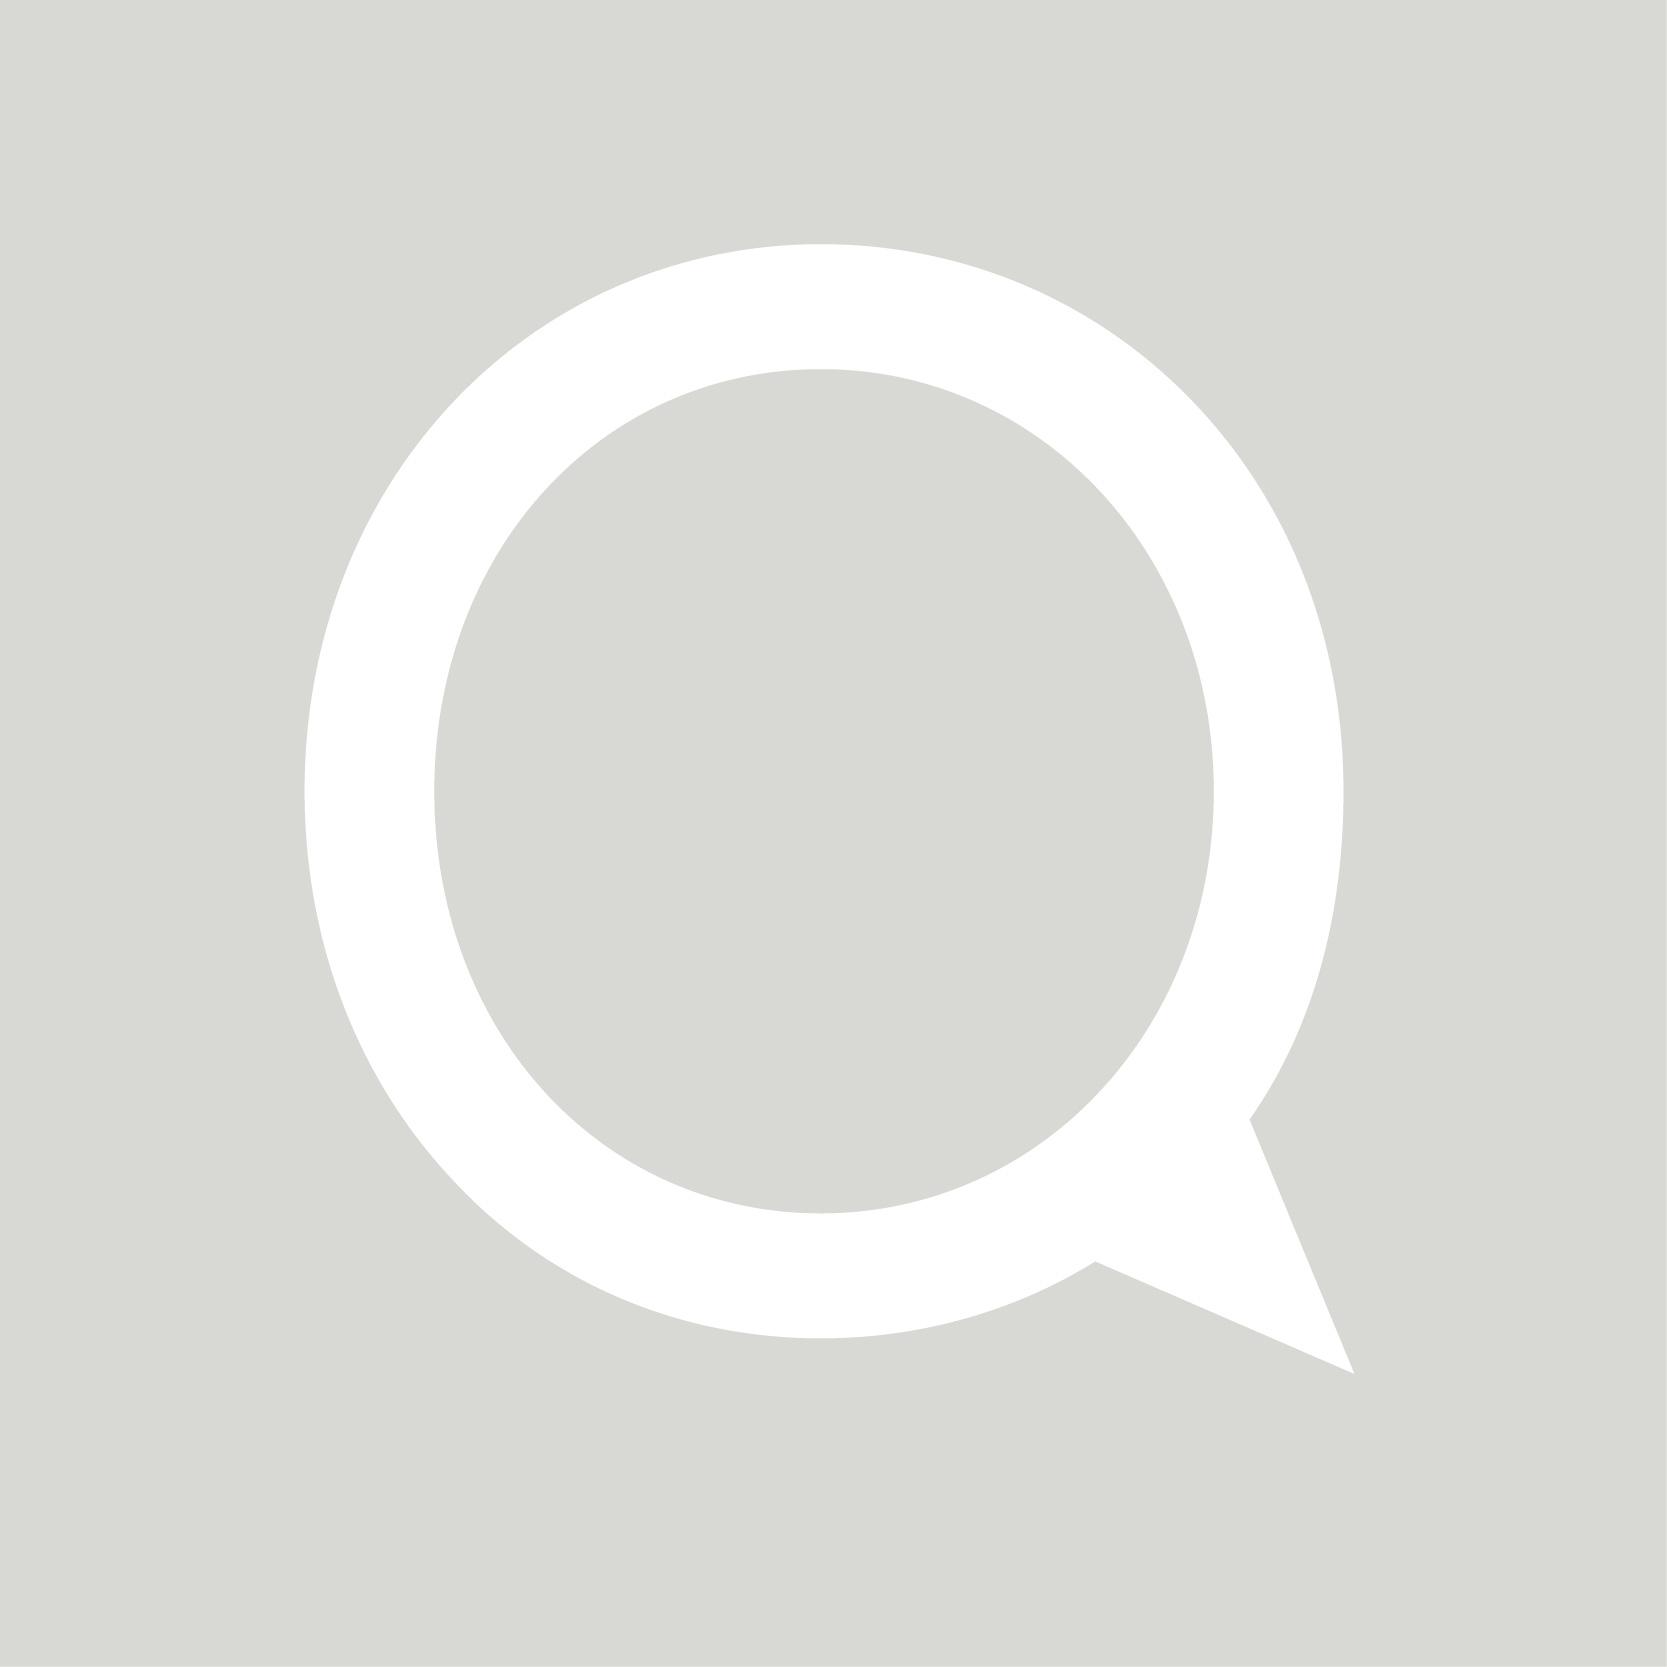 glyphe-06.jpg